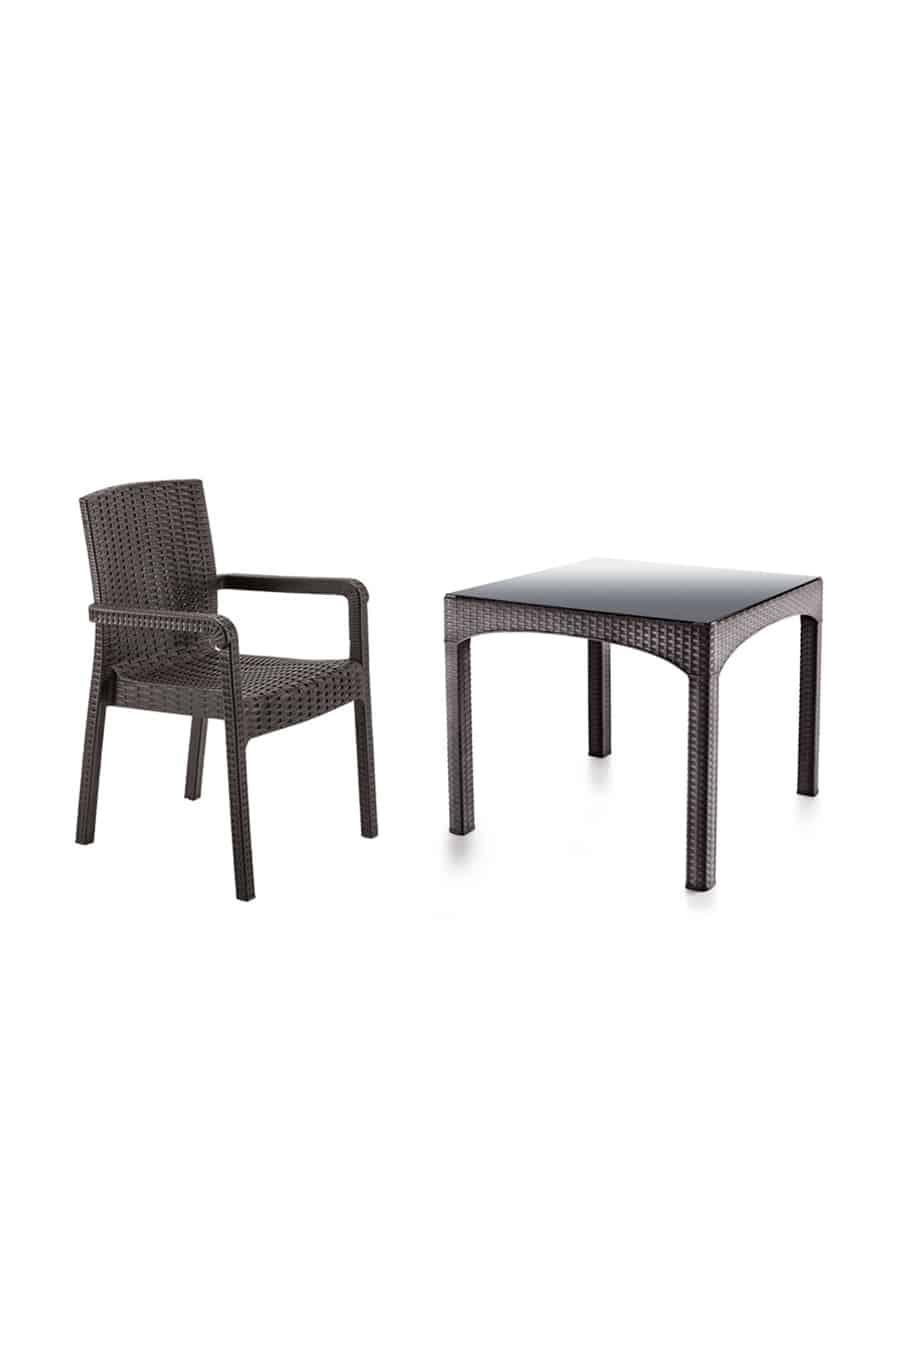 Rattan Masa Sandalye Takımı Camlı (4 Sandalye +1 Masa)